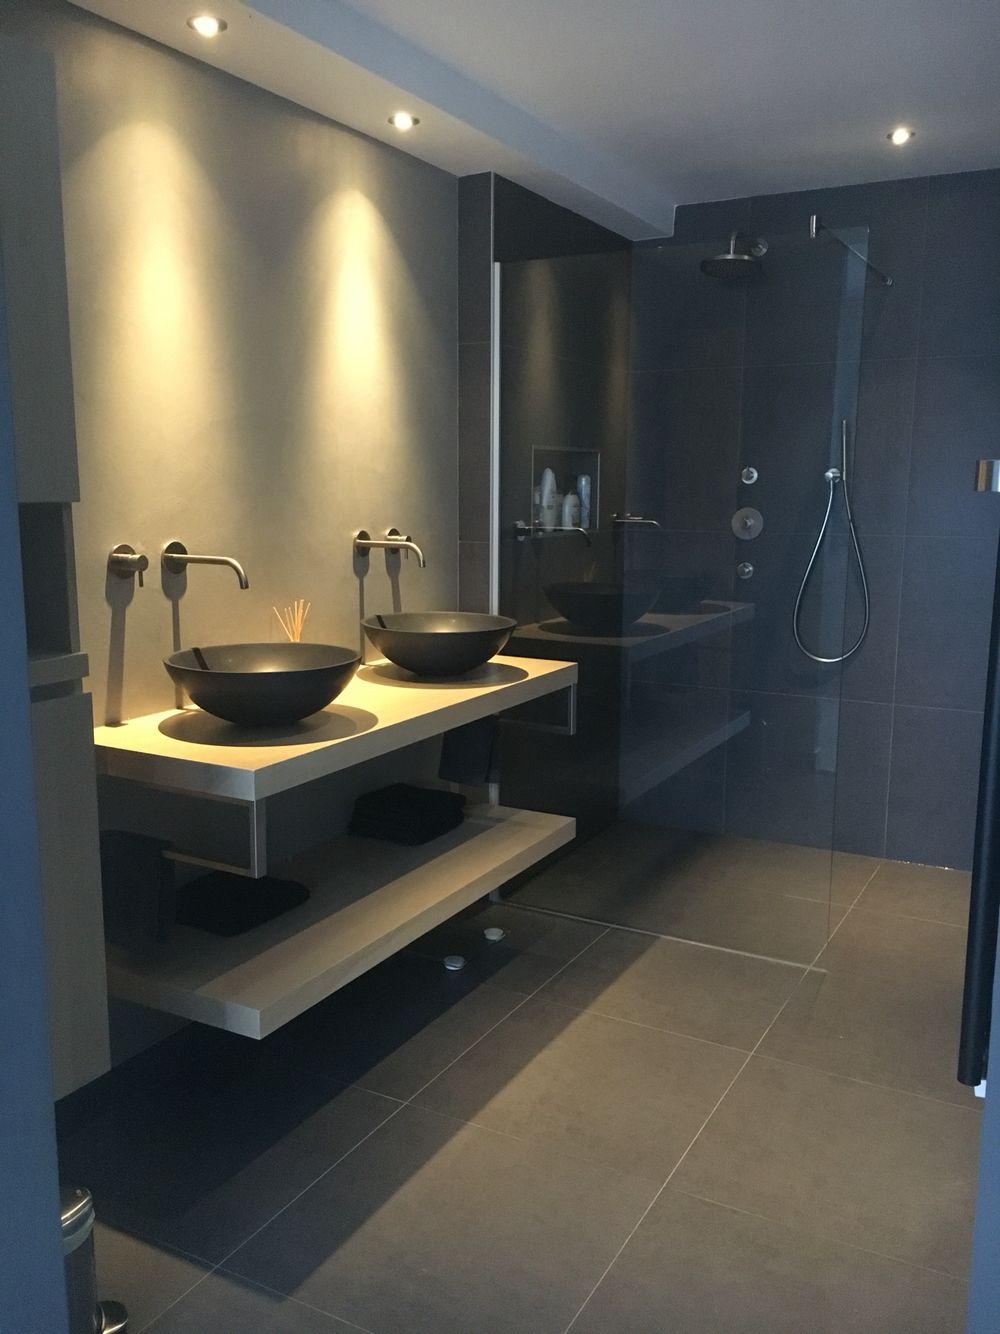 Badkamer bijna af Zwarte waskommen op massieve eikenplank. Hotbath ...